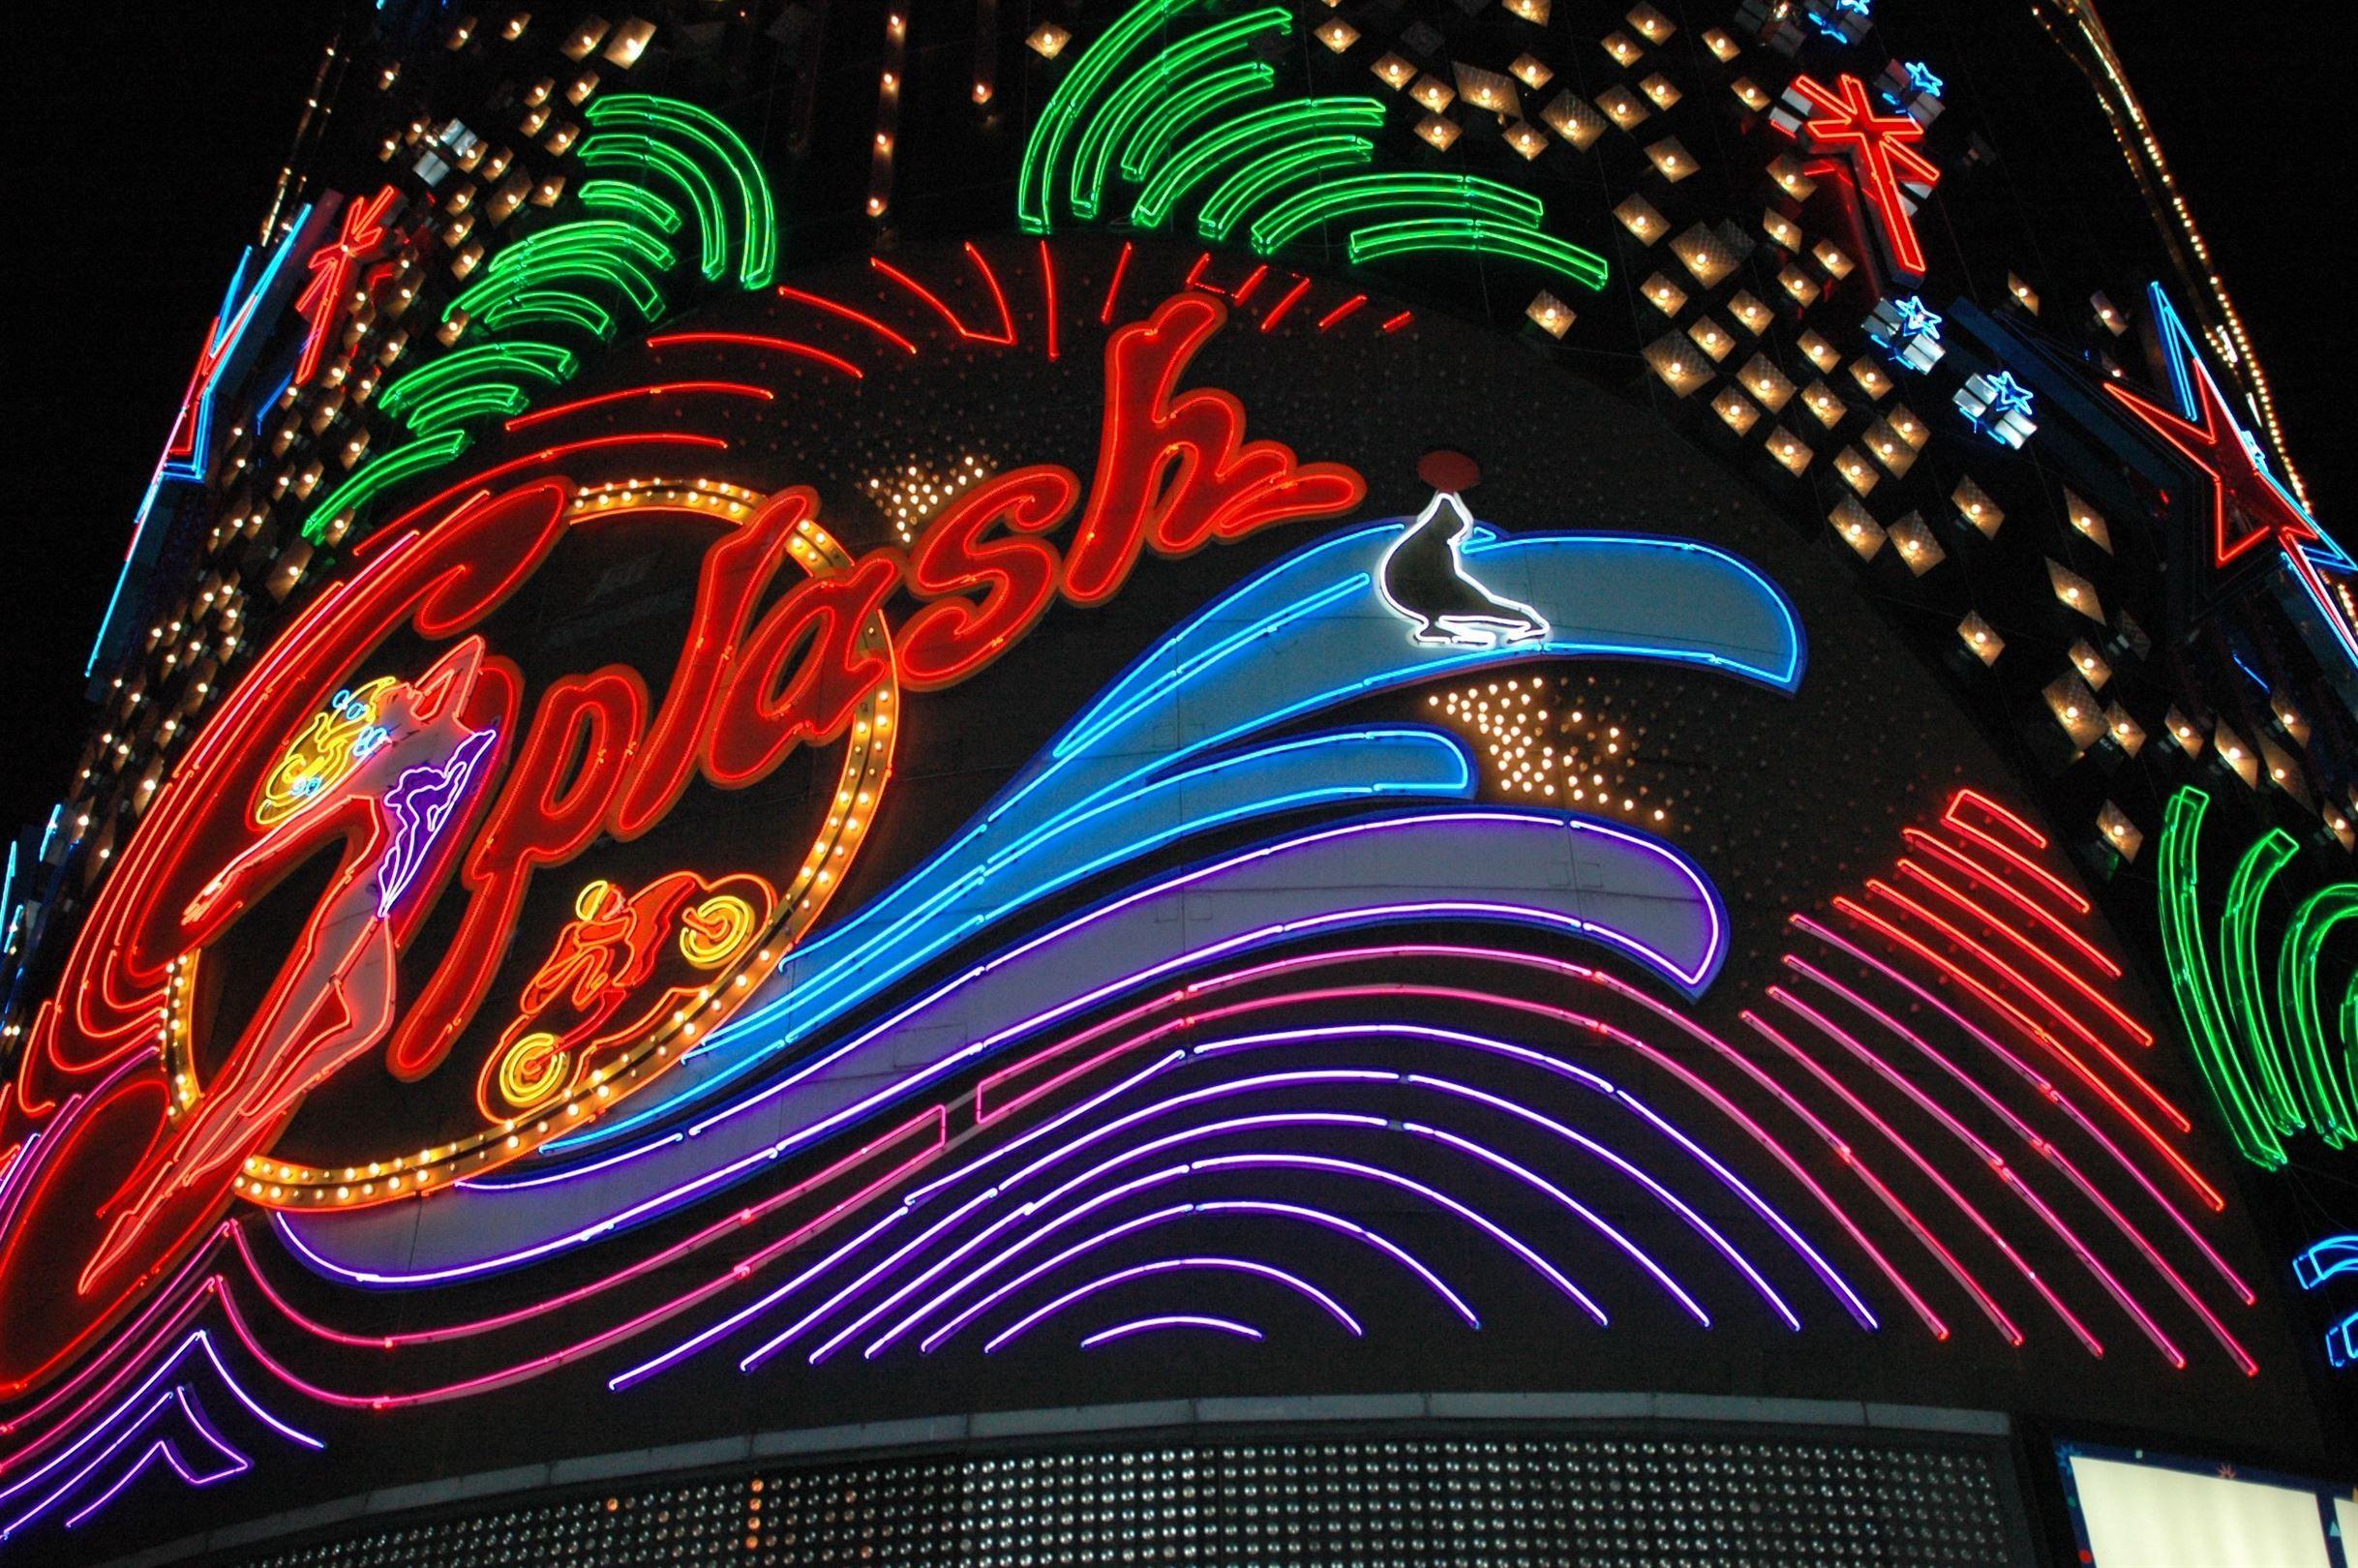 Las Vegas Casino, vdara las vegas, las vegas dining, las